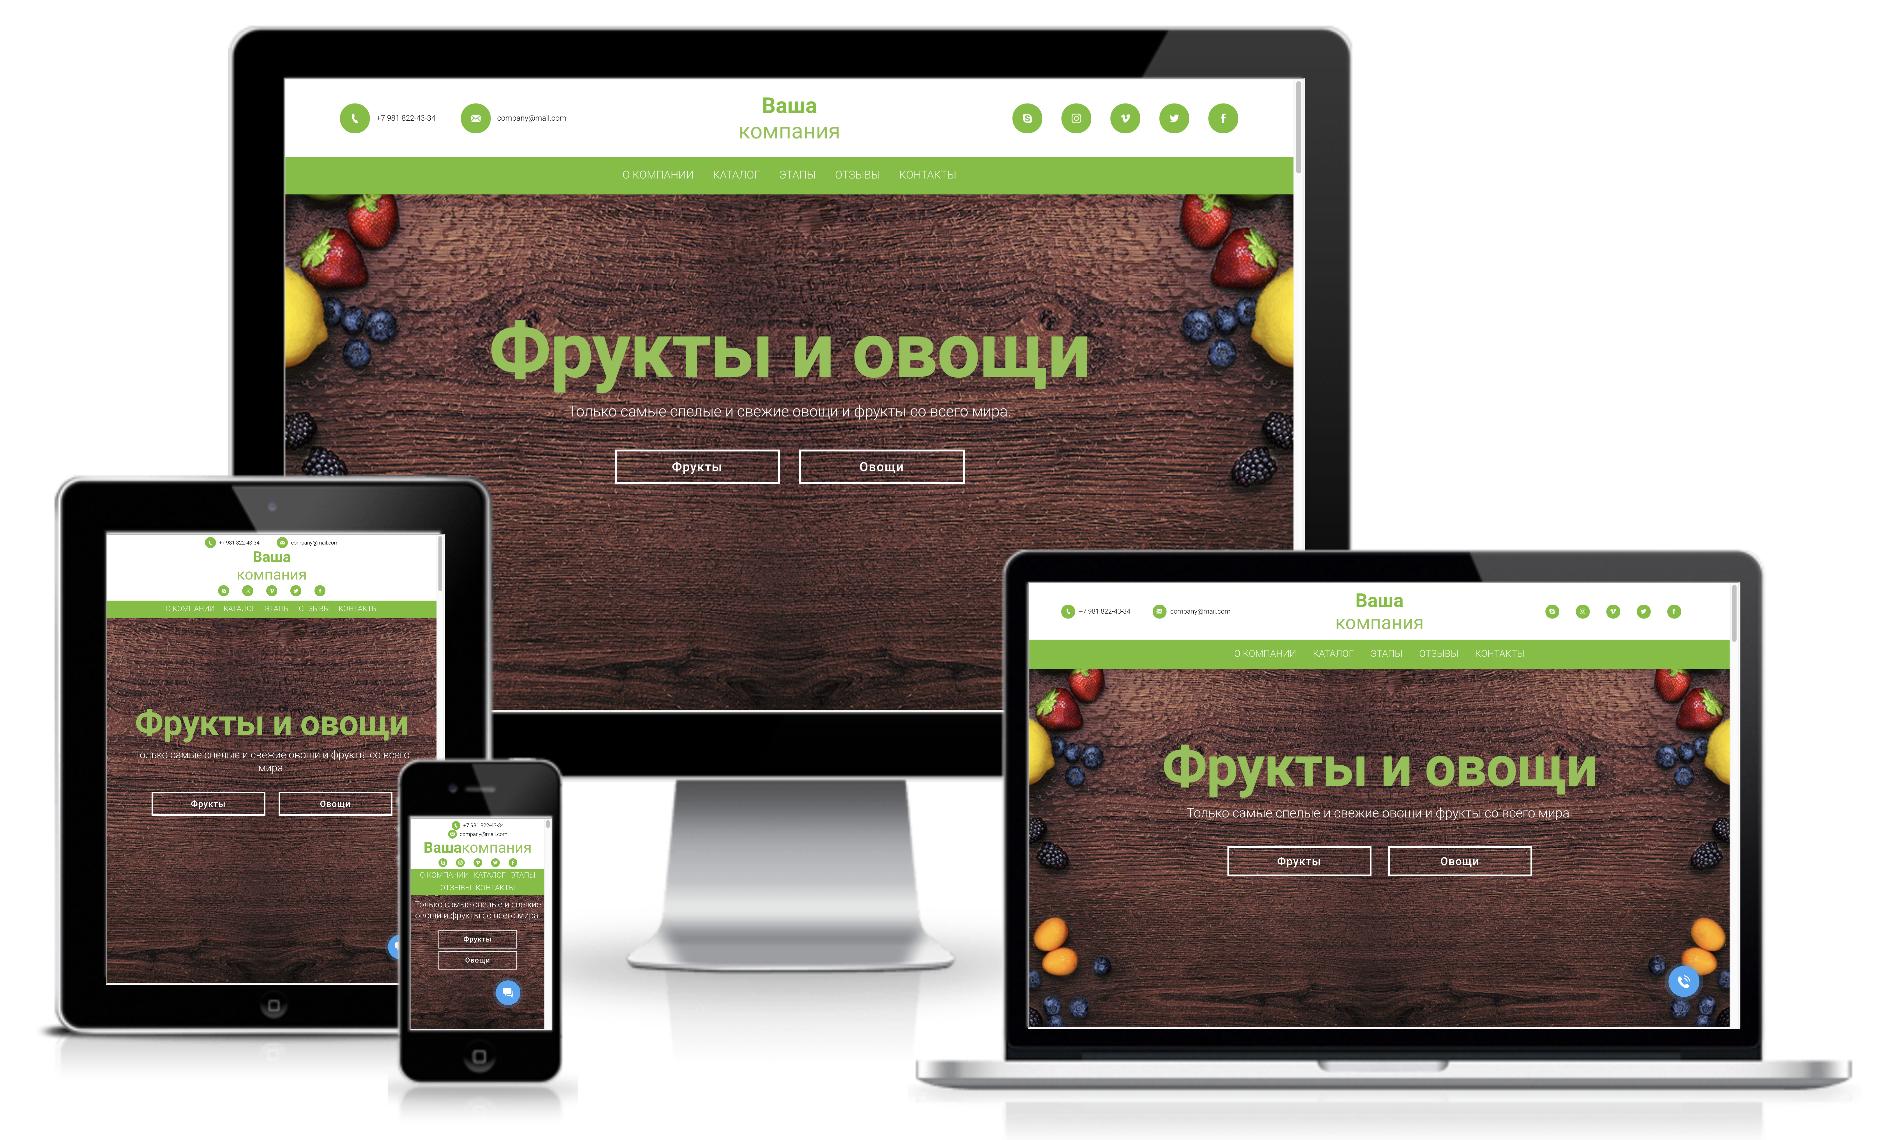 Создание сайта через битрикс павлодар создание сайтов